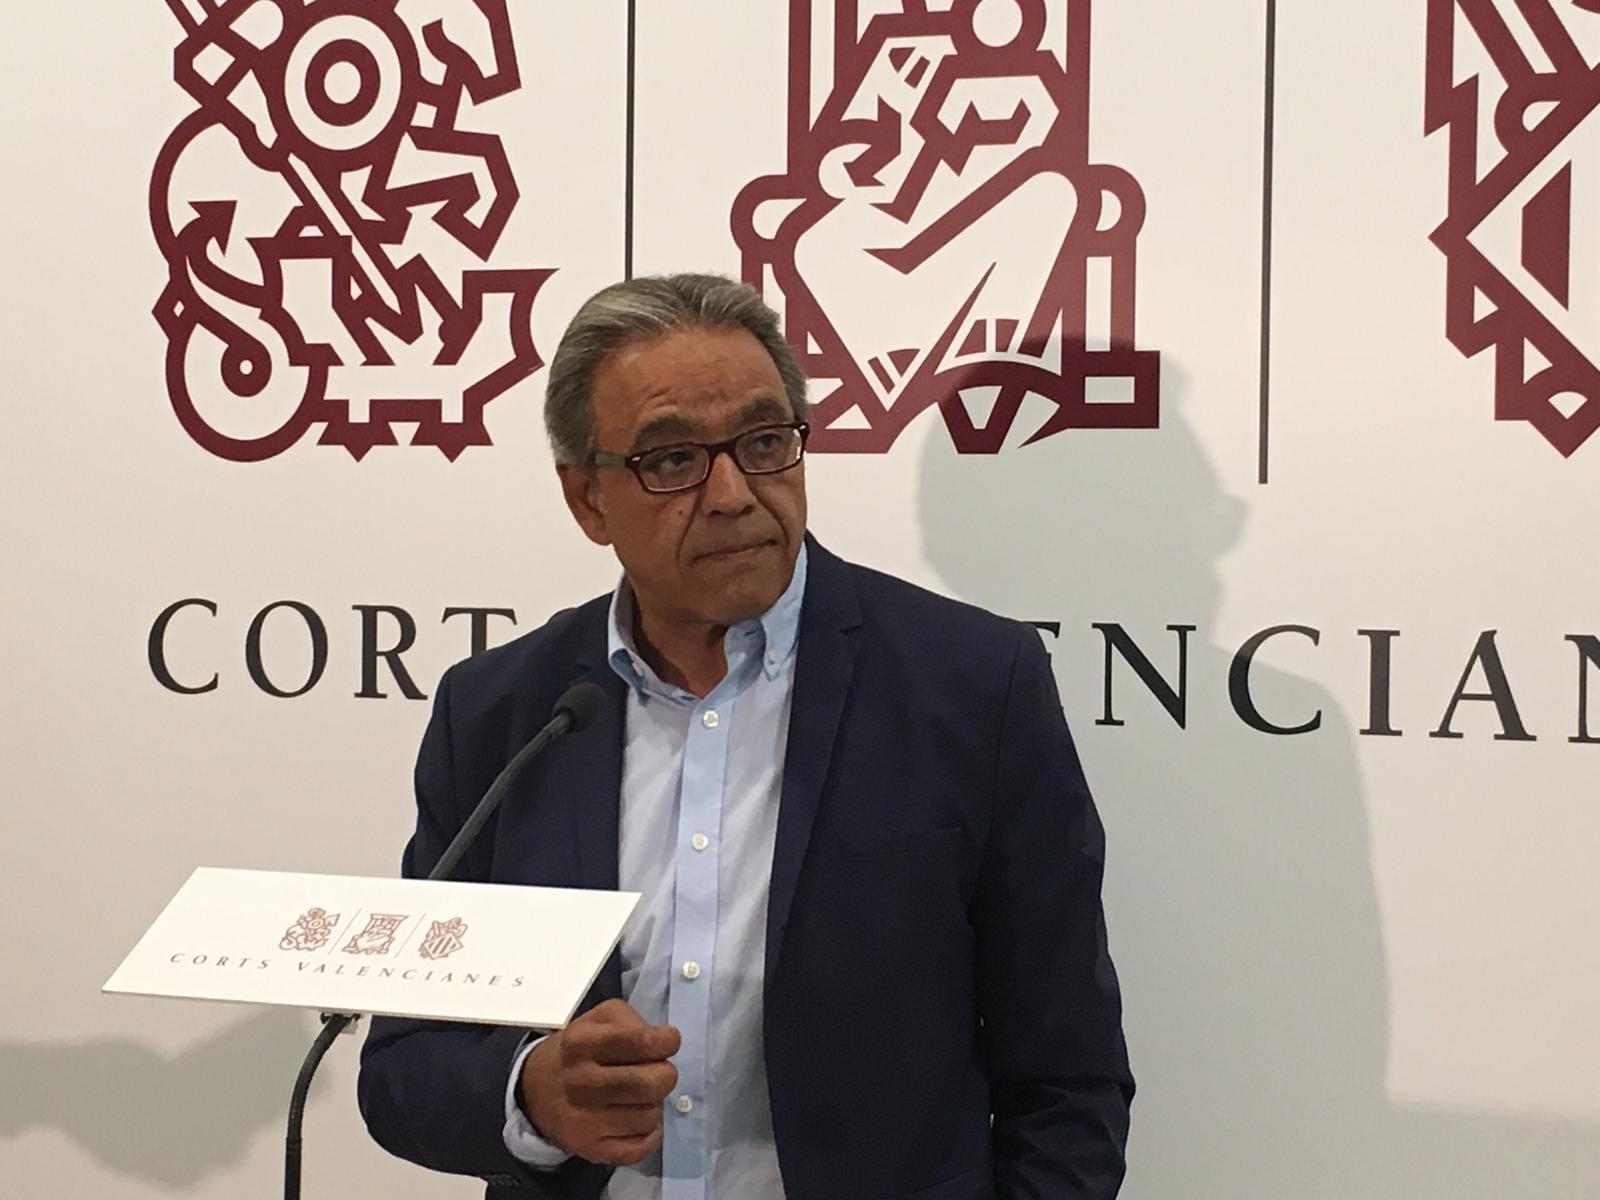 """Mata: """"Igual que ahir, hui, demà i sempre, Ximo Puig anteposarà els interessos del poble valencià als seus i als del seu partit"""""""